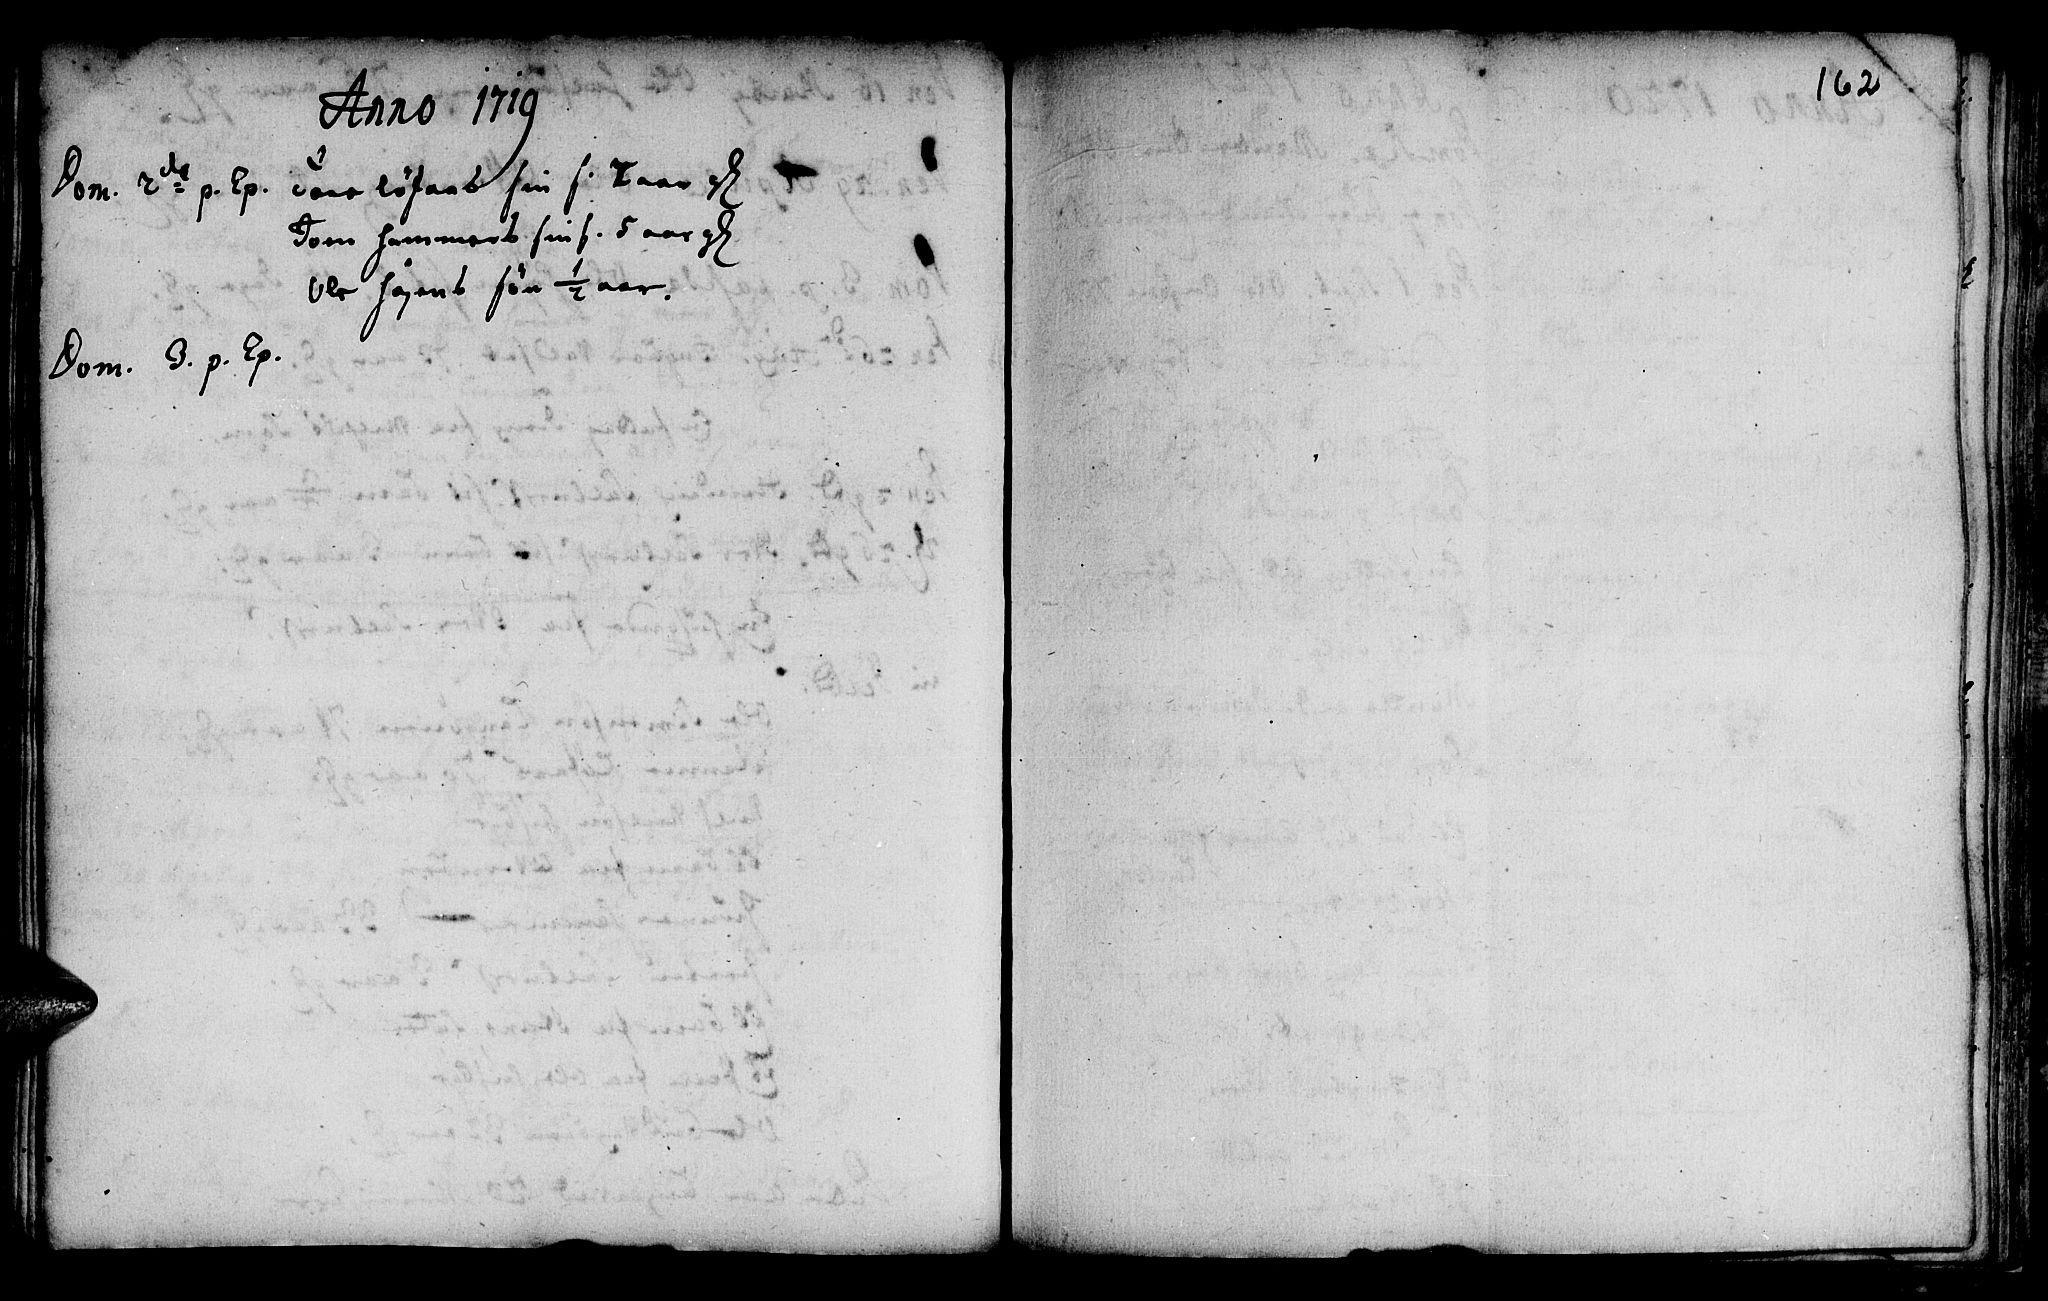 SAT, Ministerialprotokoller, klokkerbøker og fødselsregistre - Sør-Trøndelag, 666/L0783: Ministerialbok nr. 666A01, 1702-1753, s. 162